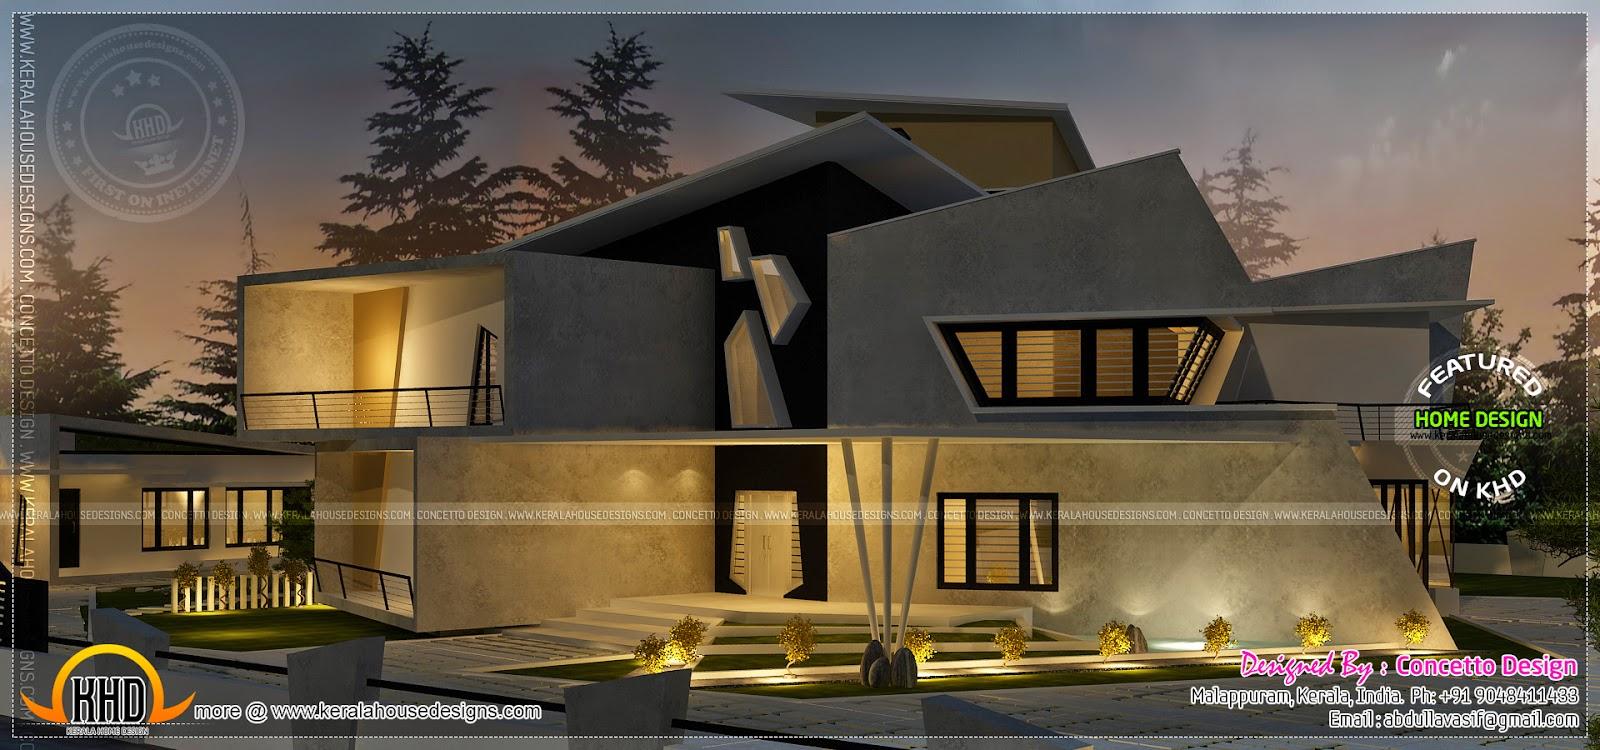 unique homes designs unique home designs thearmchairs unique home designs unique home designs may kerala home - Unique Homes Designs